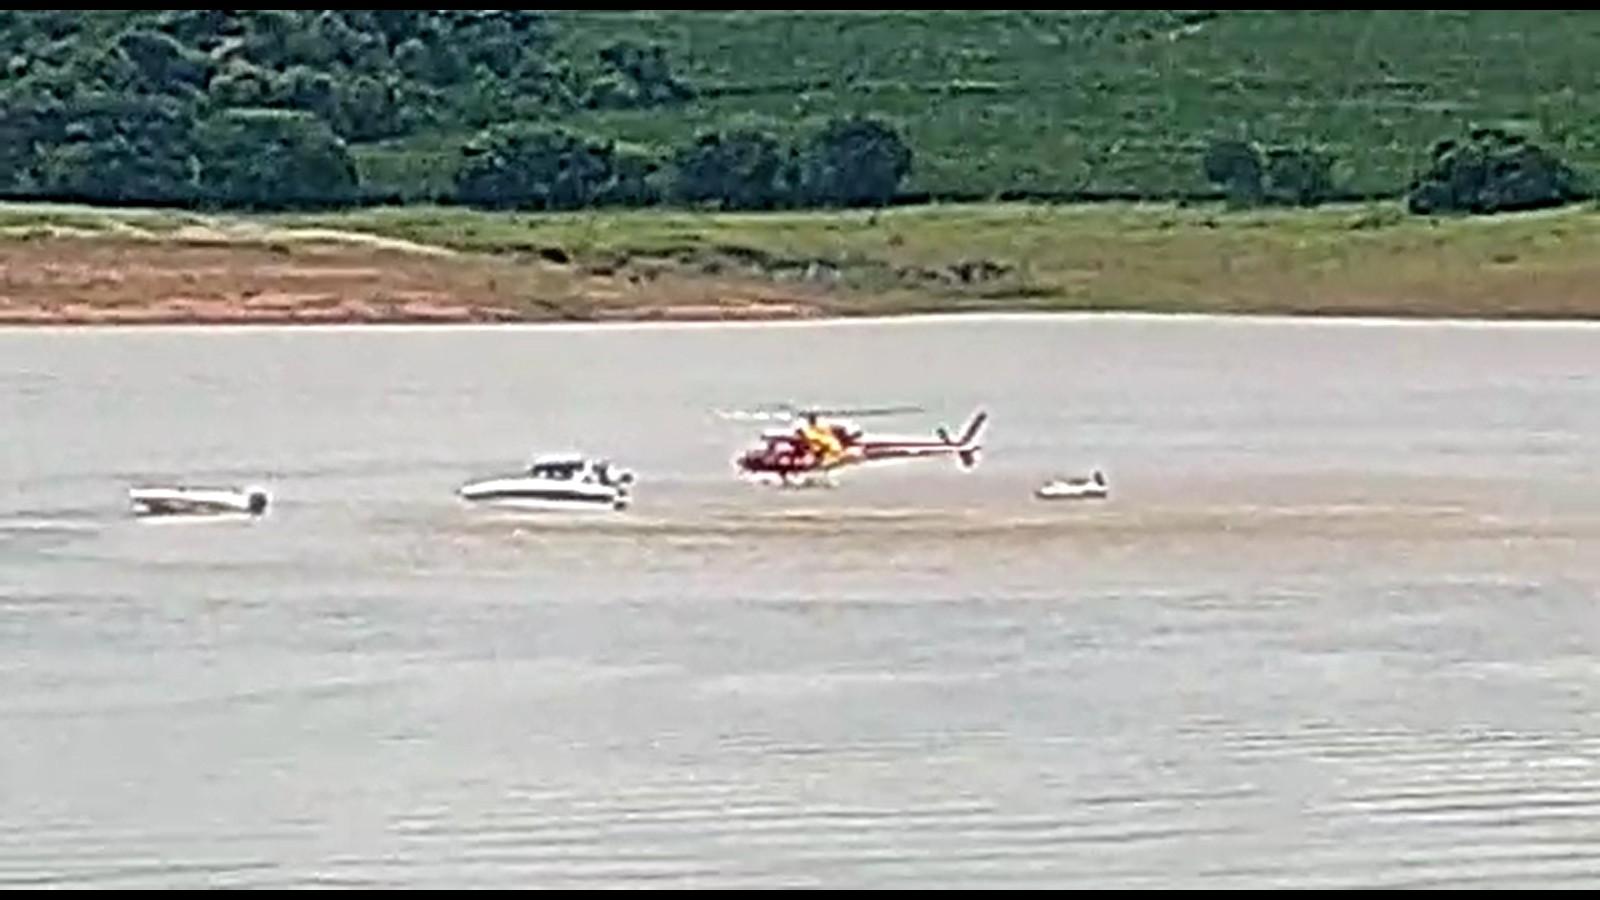 Mulher morre e homem fica ferido em acidente entre lancha e jet ski no Lago de Furnas, em Fama, MG